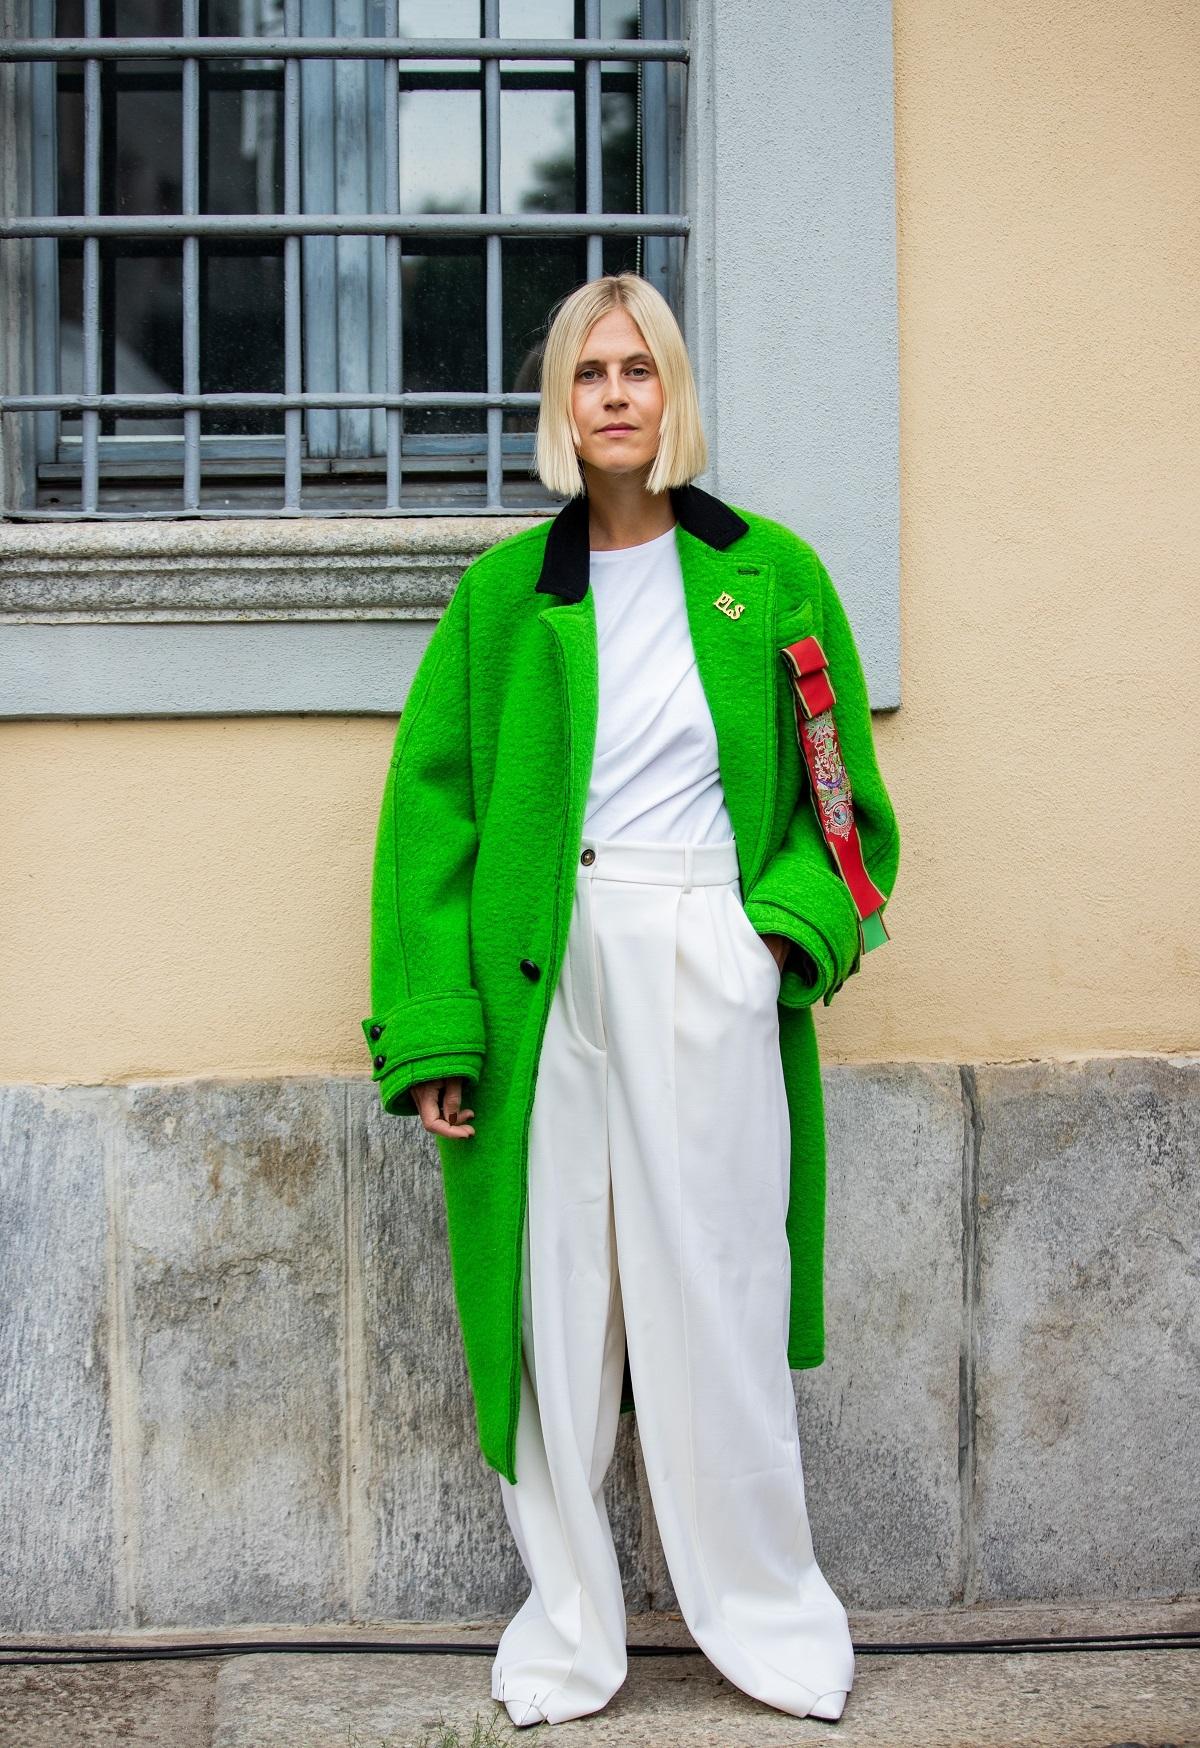 Linda Tol con un abrigo en color verde.